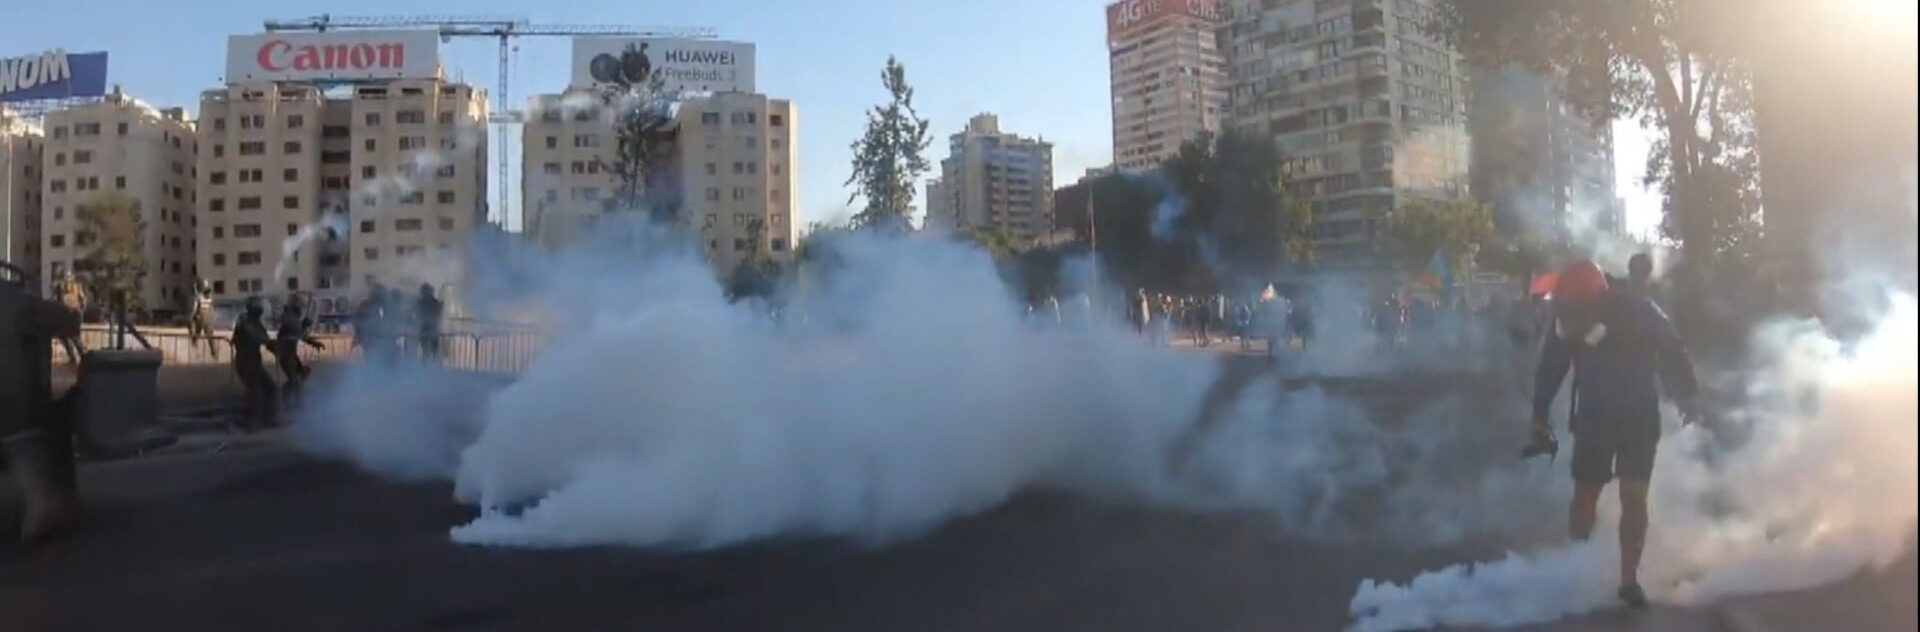 Gás lacrimogêneo em plaza de la Dignidad, Chile